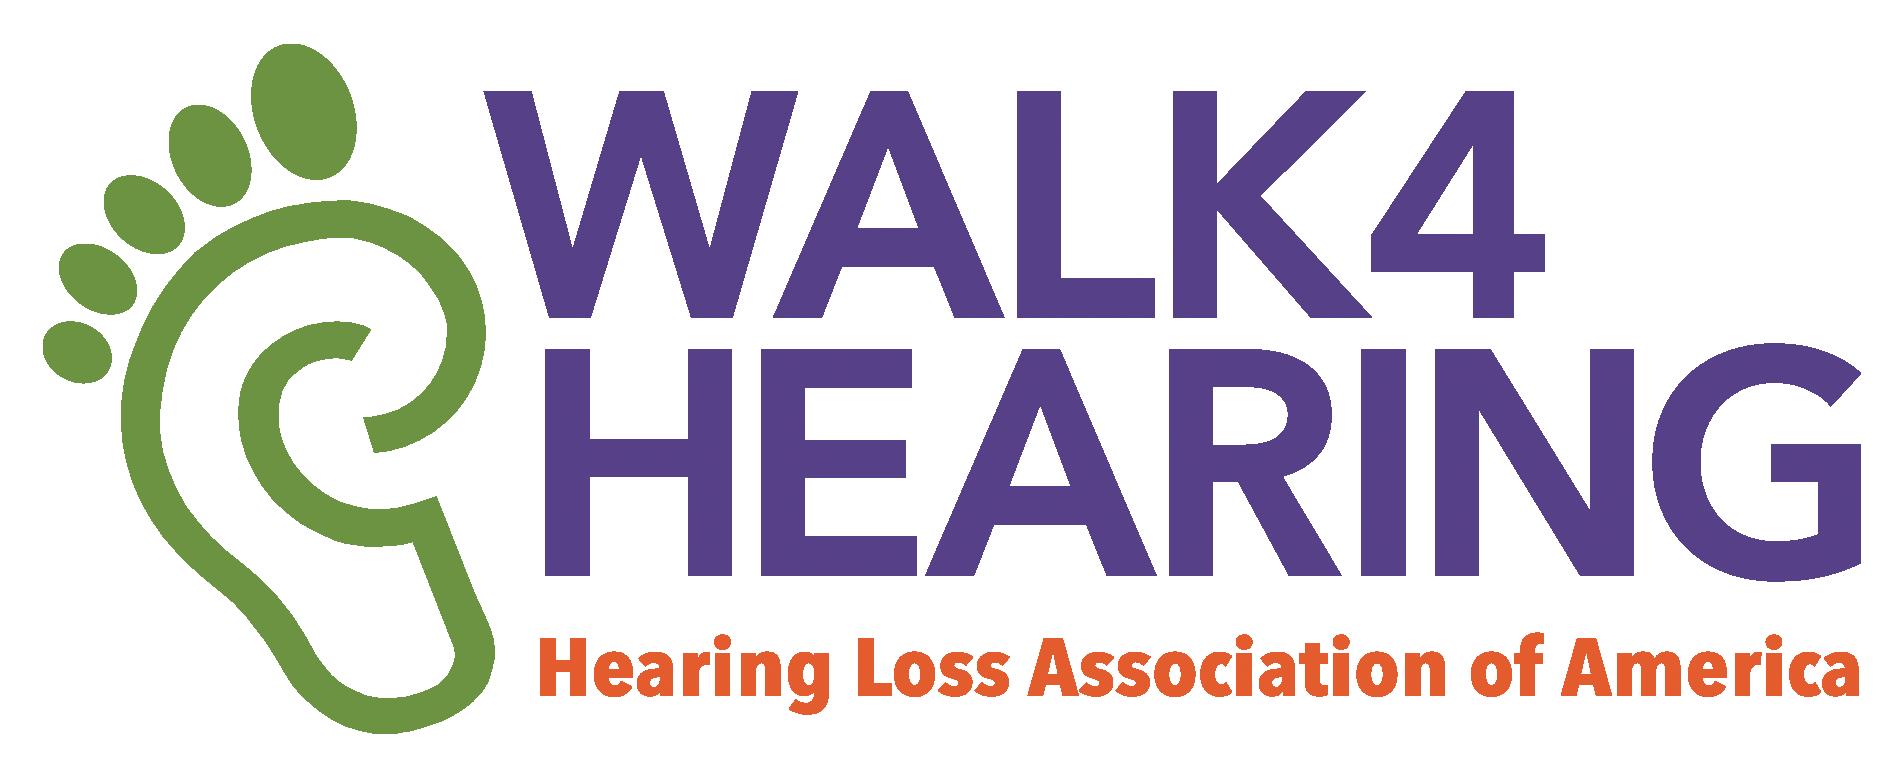 Walk4Hearing logo